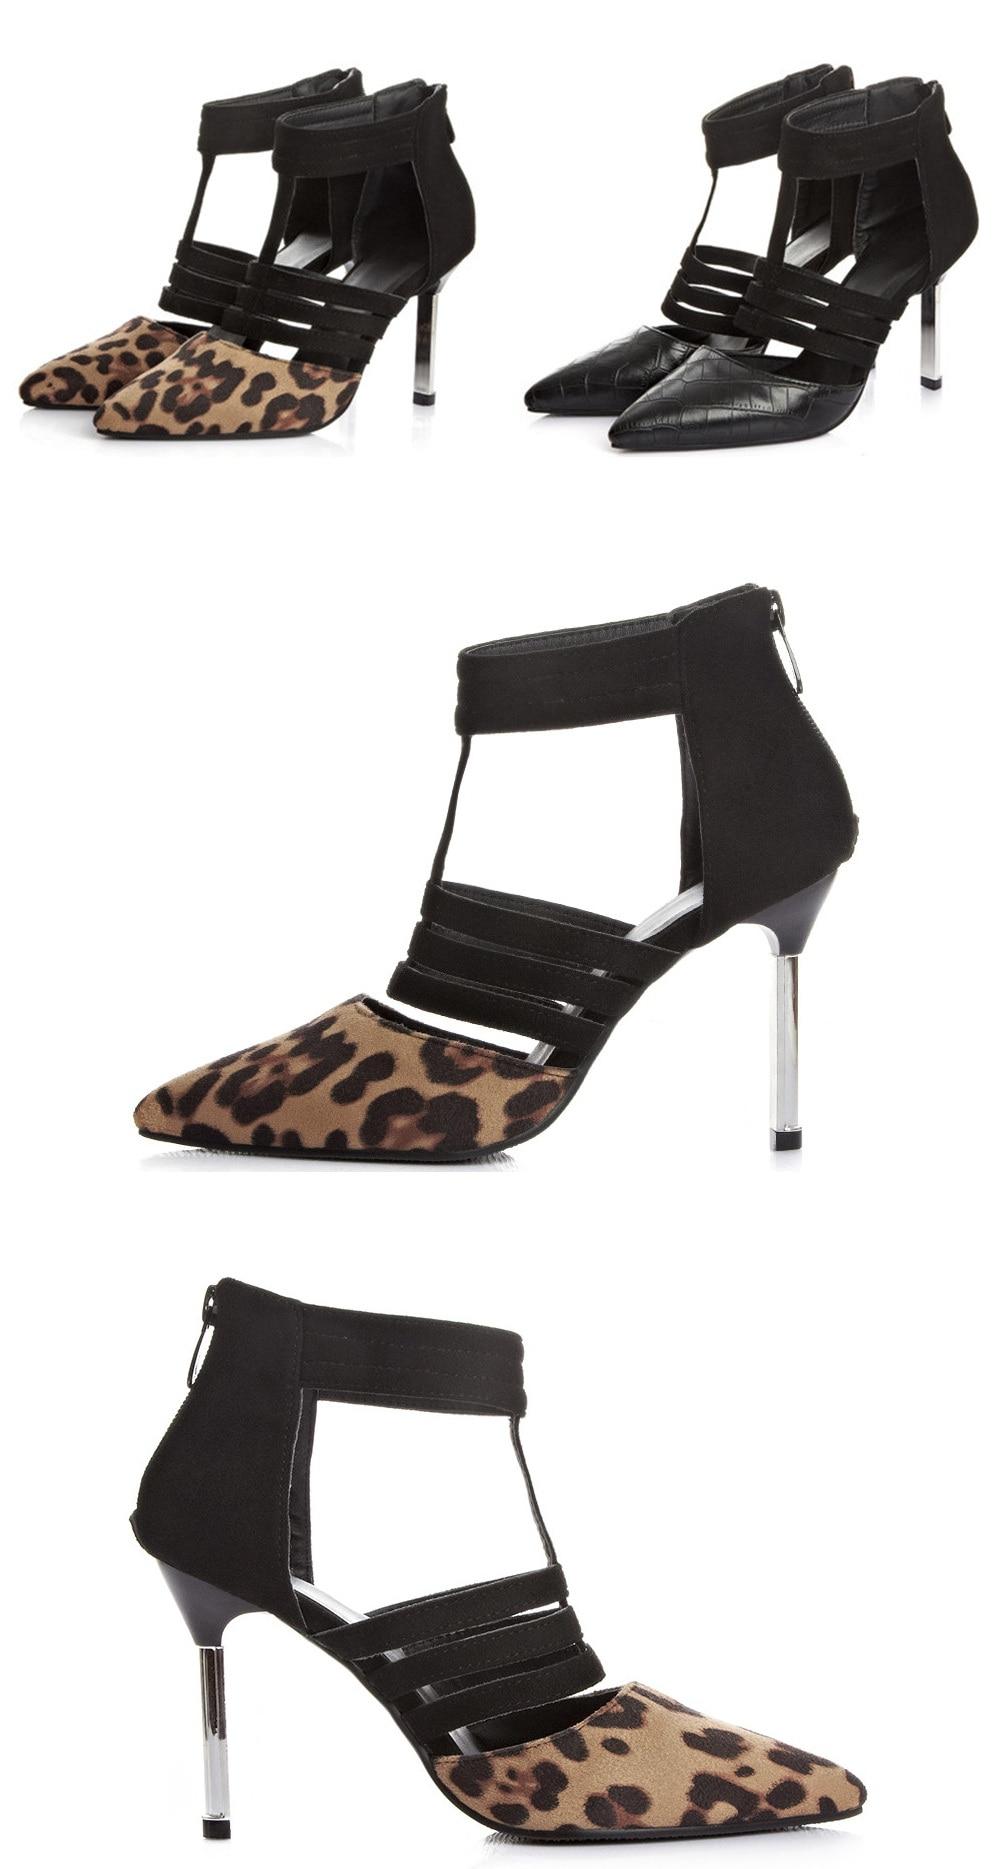 التجارية SAR أحذية Sidraestrada.com 4